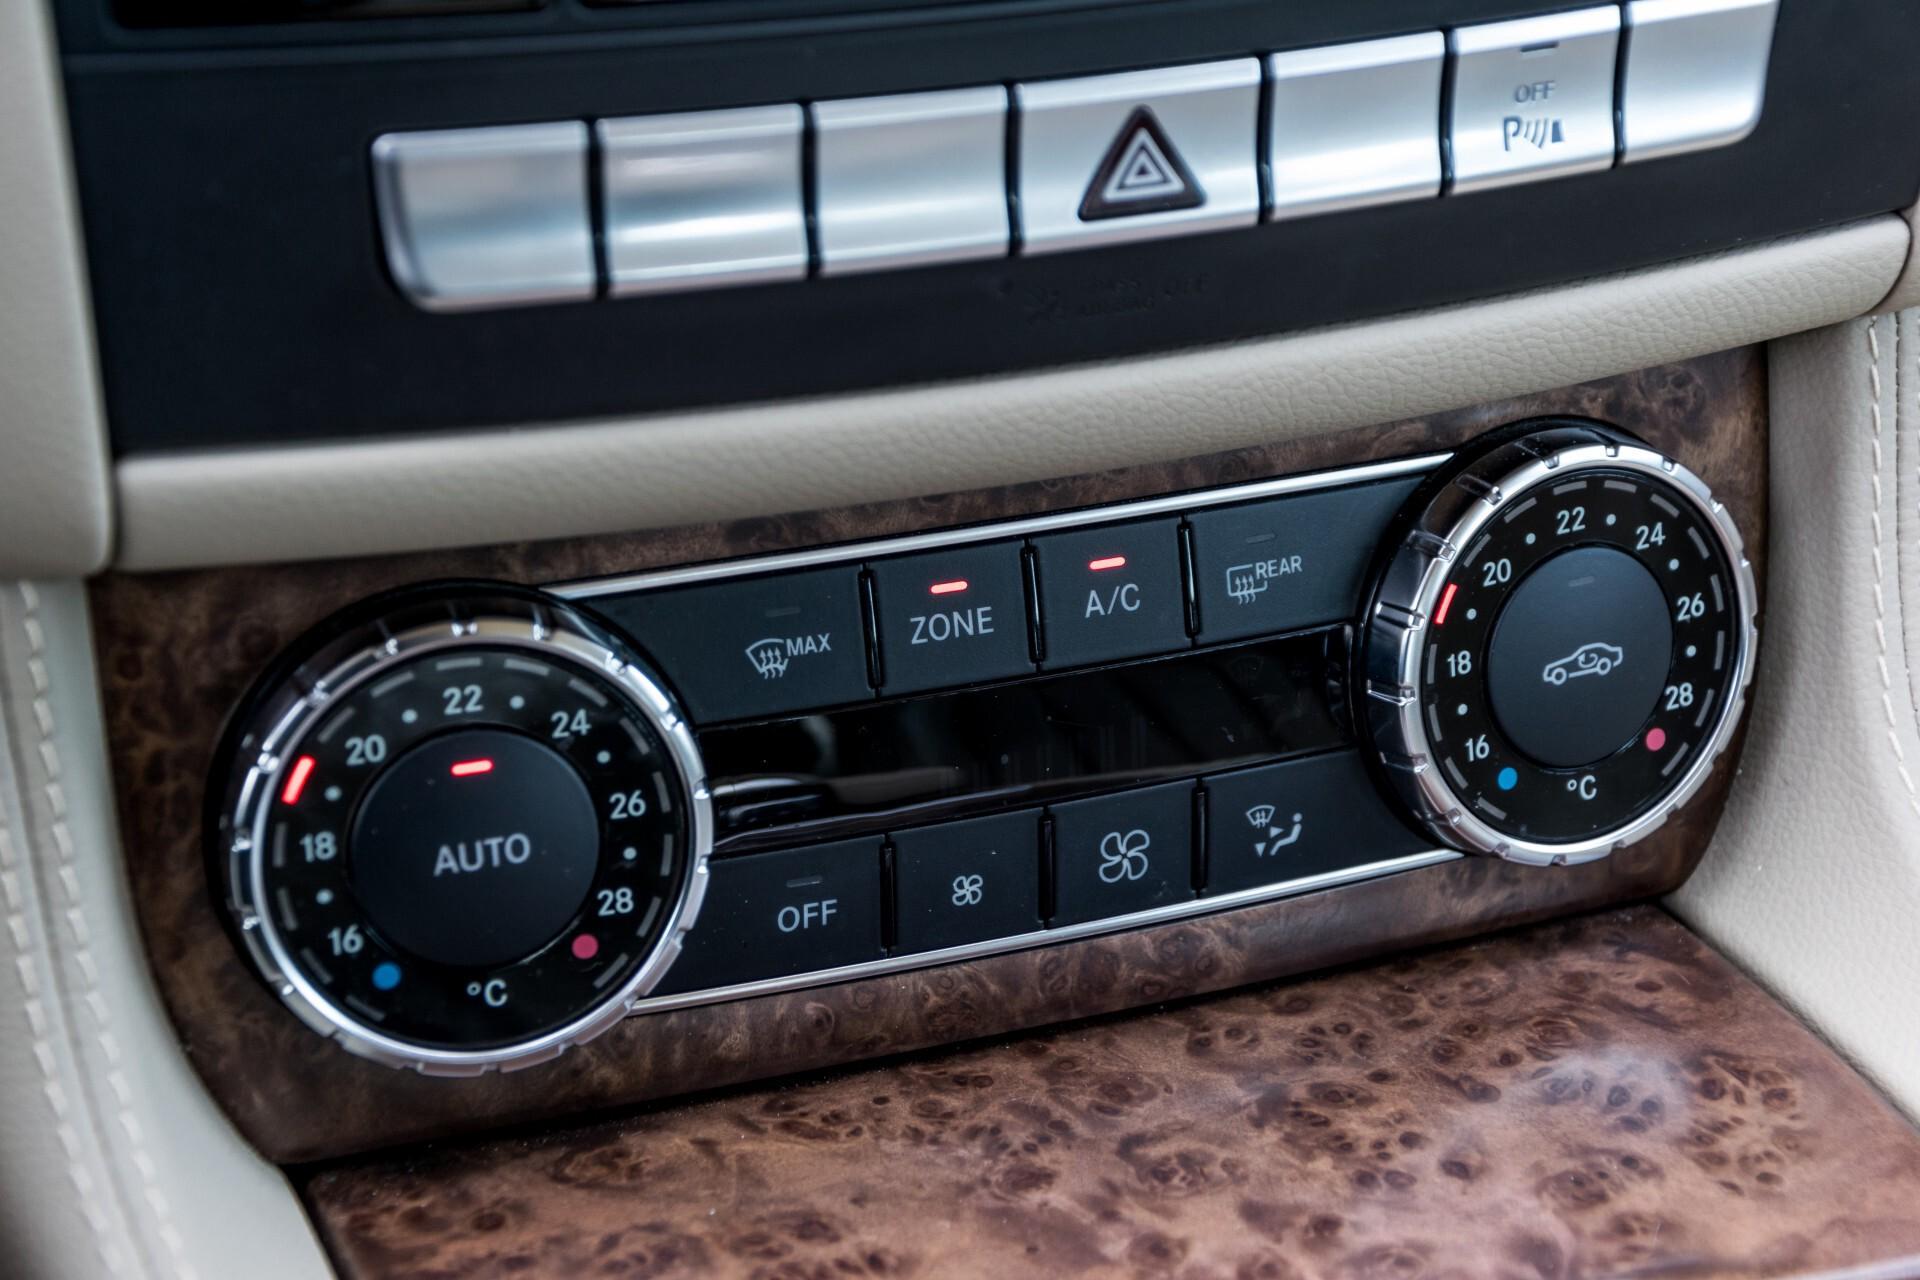 Mercedes-Benz CLS-Klasse 350 Cdi Luchtvering/Distronic/Nachtzicht/AMG/Comand/ILS Aut7 Foto 31